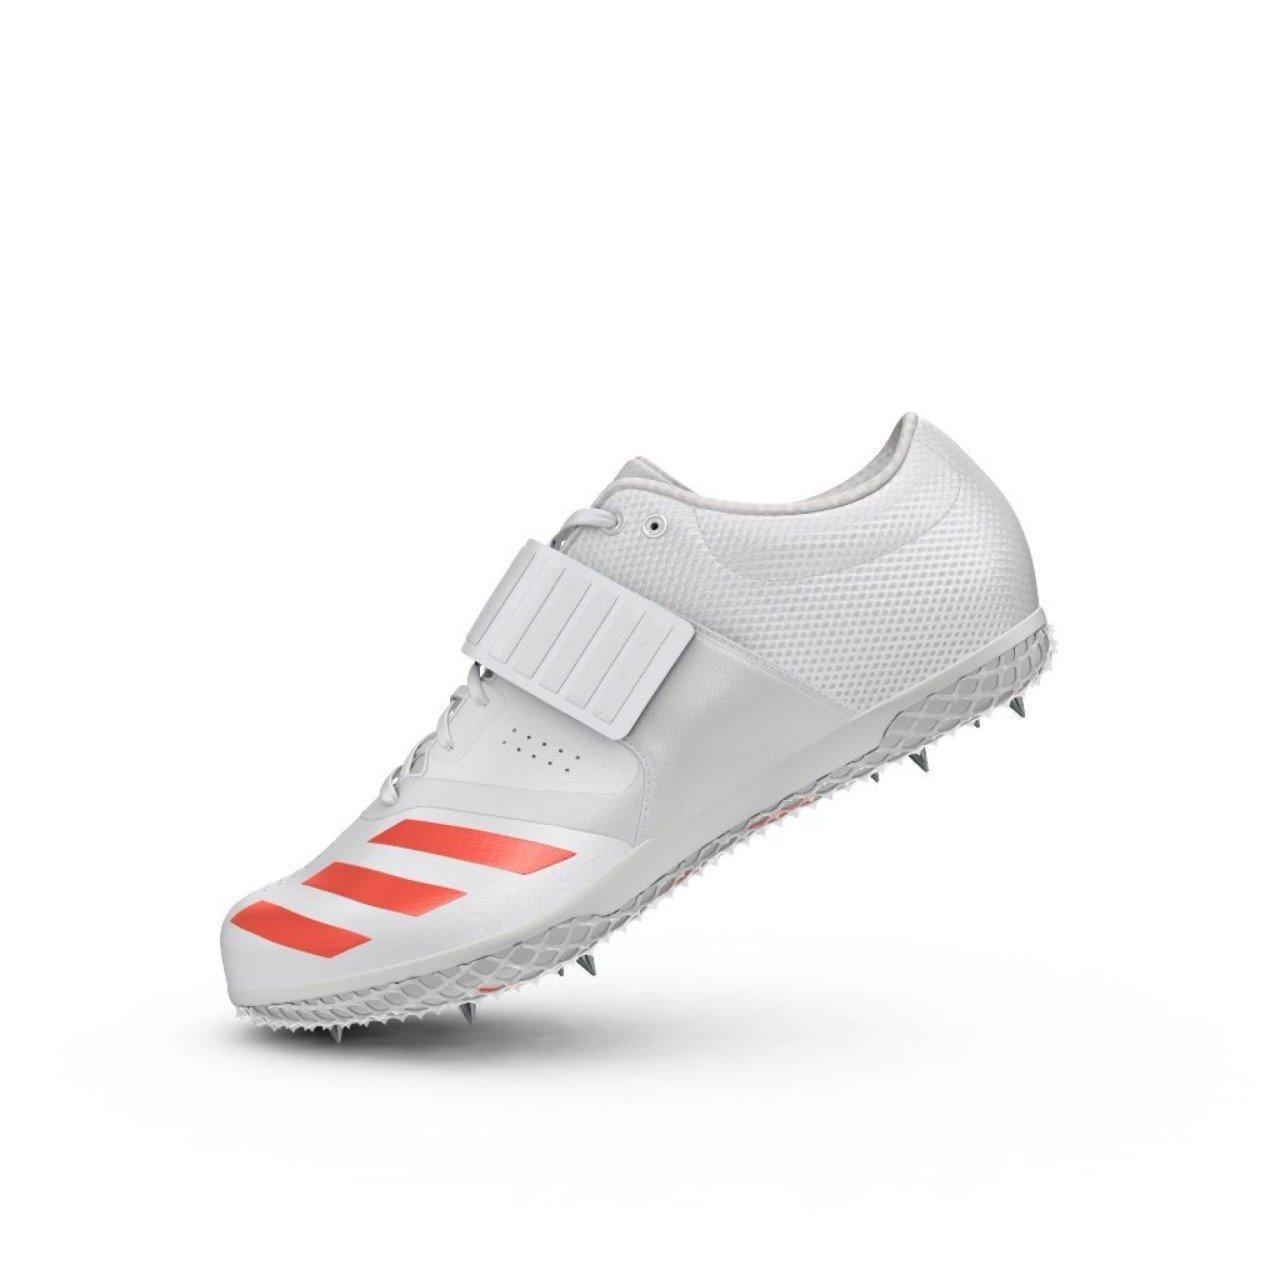 Adidas Adizero High Jump Spikes, Zapatillas de Atletismo Unisex Adulto 4|multicolor multicolor